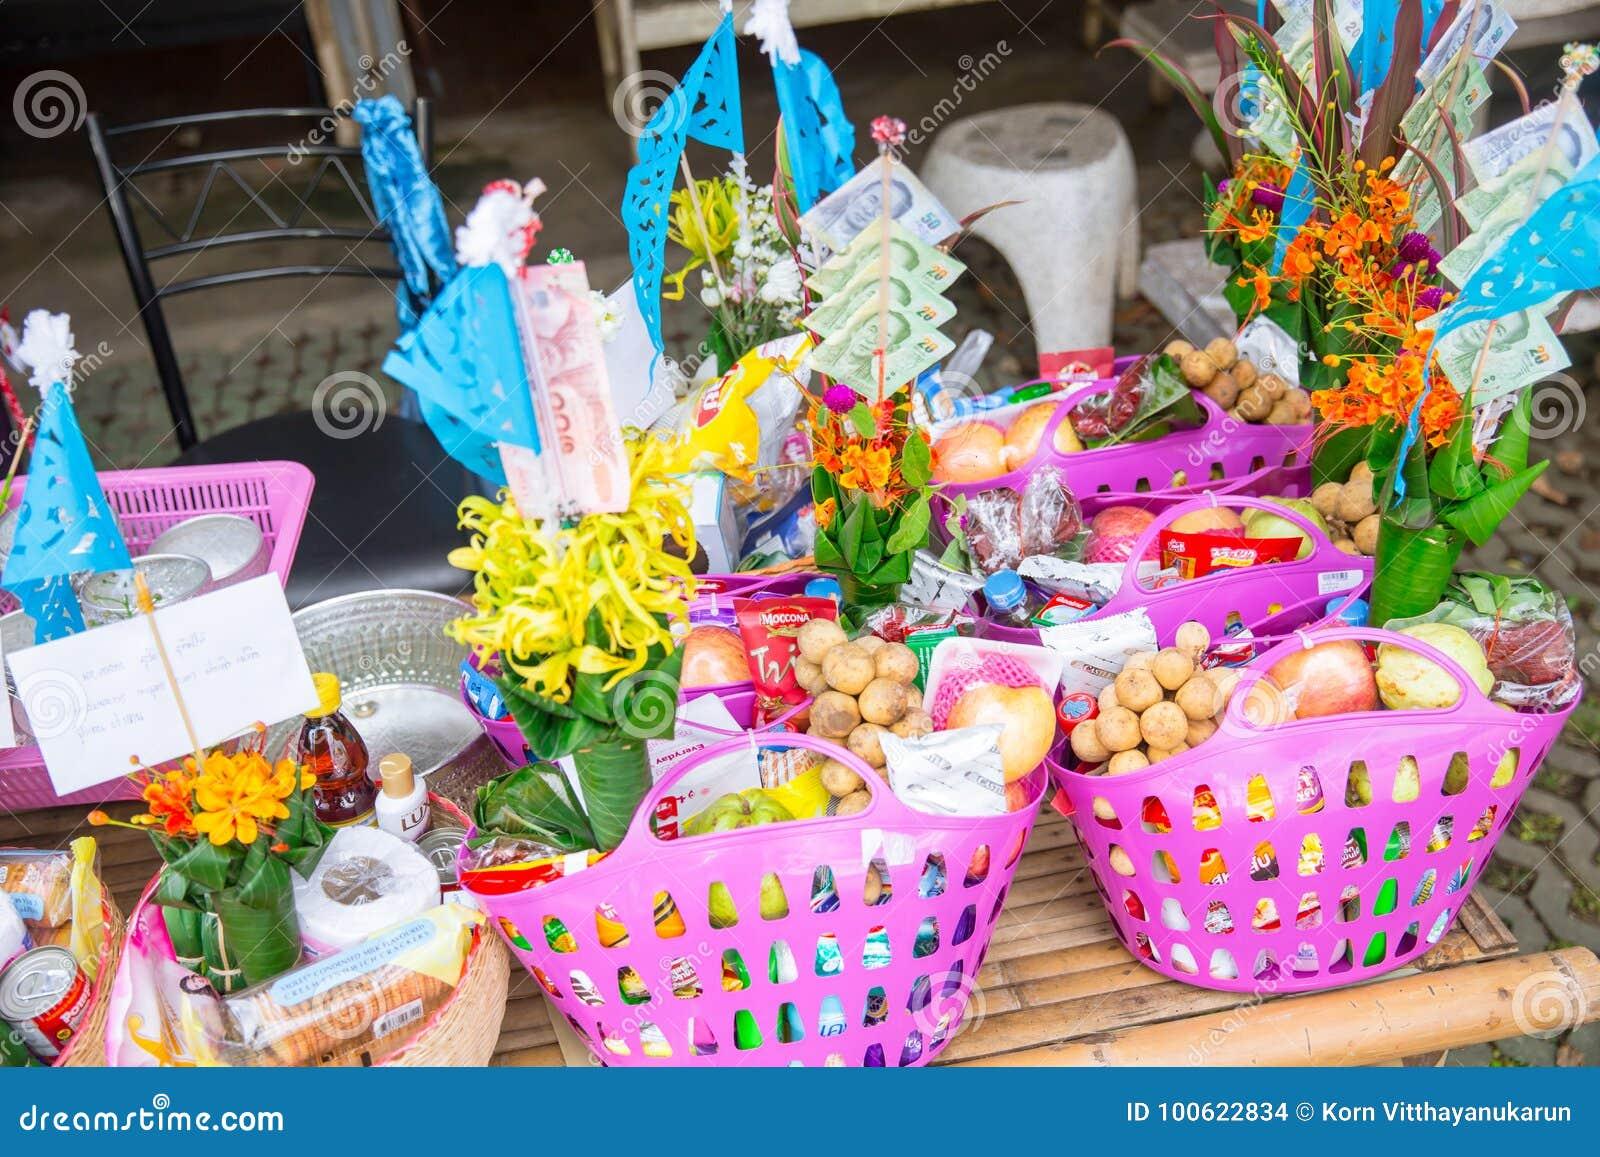 Tan Kuay Salak-Festival- Noordelijk Thais ritueel dat de mensen levensmiddel en kostbaarheden aan de tempel en de monniken zullen